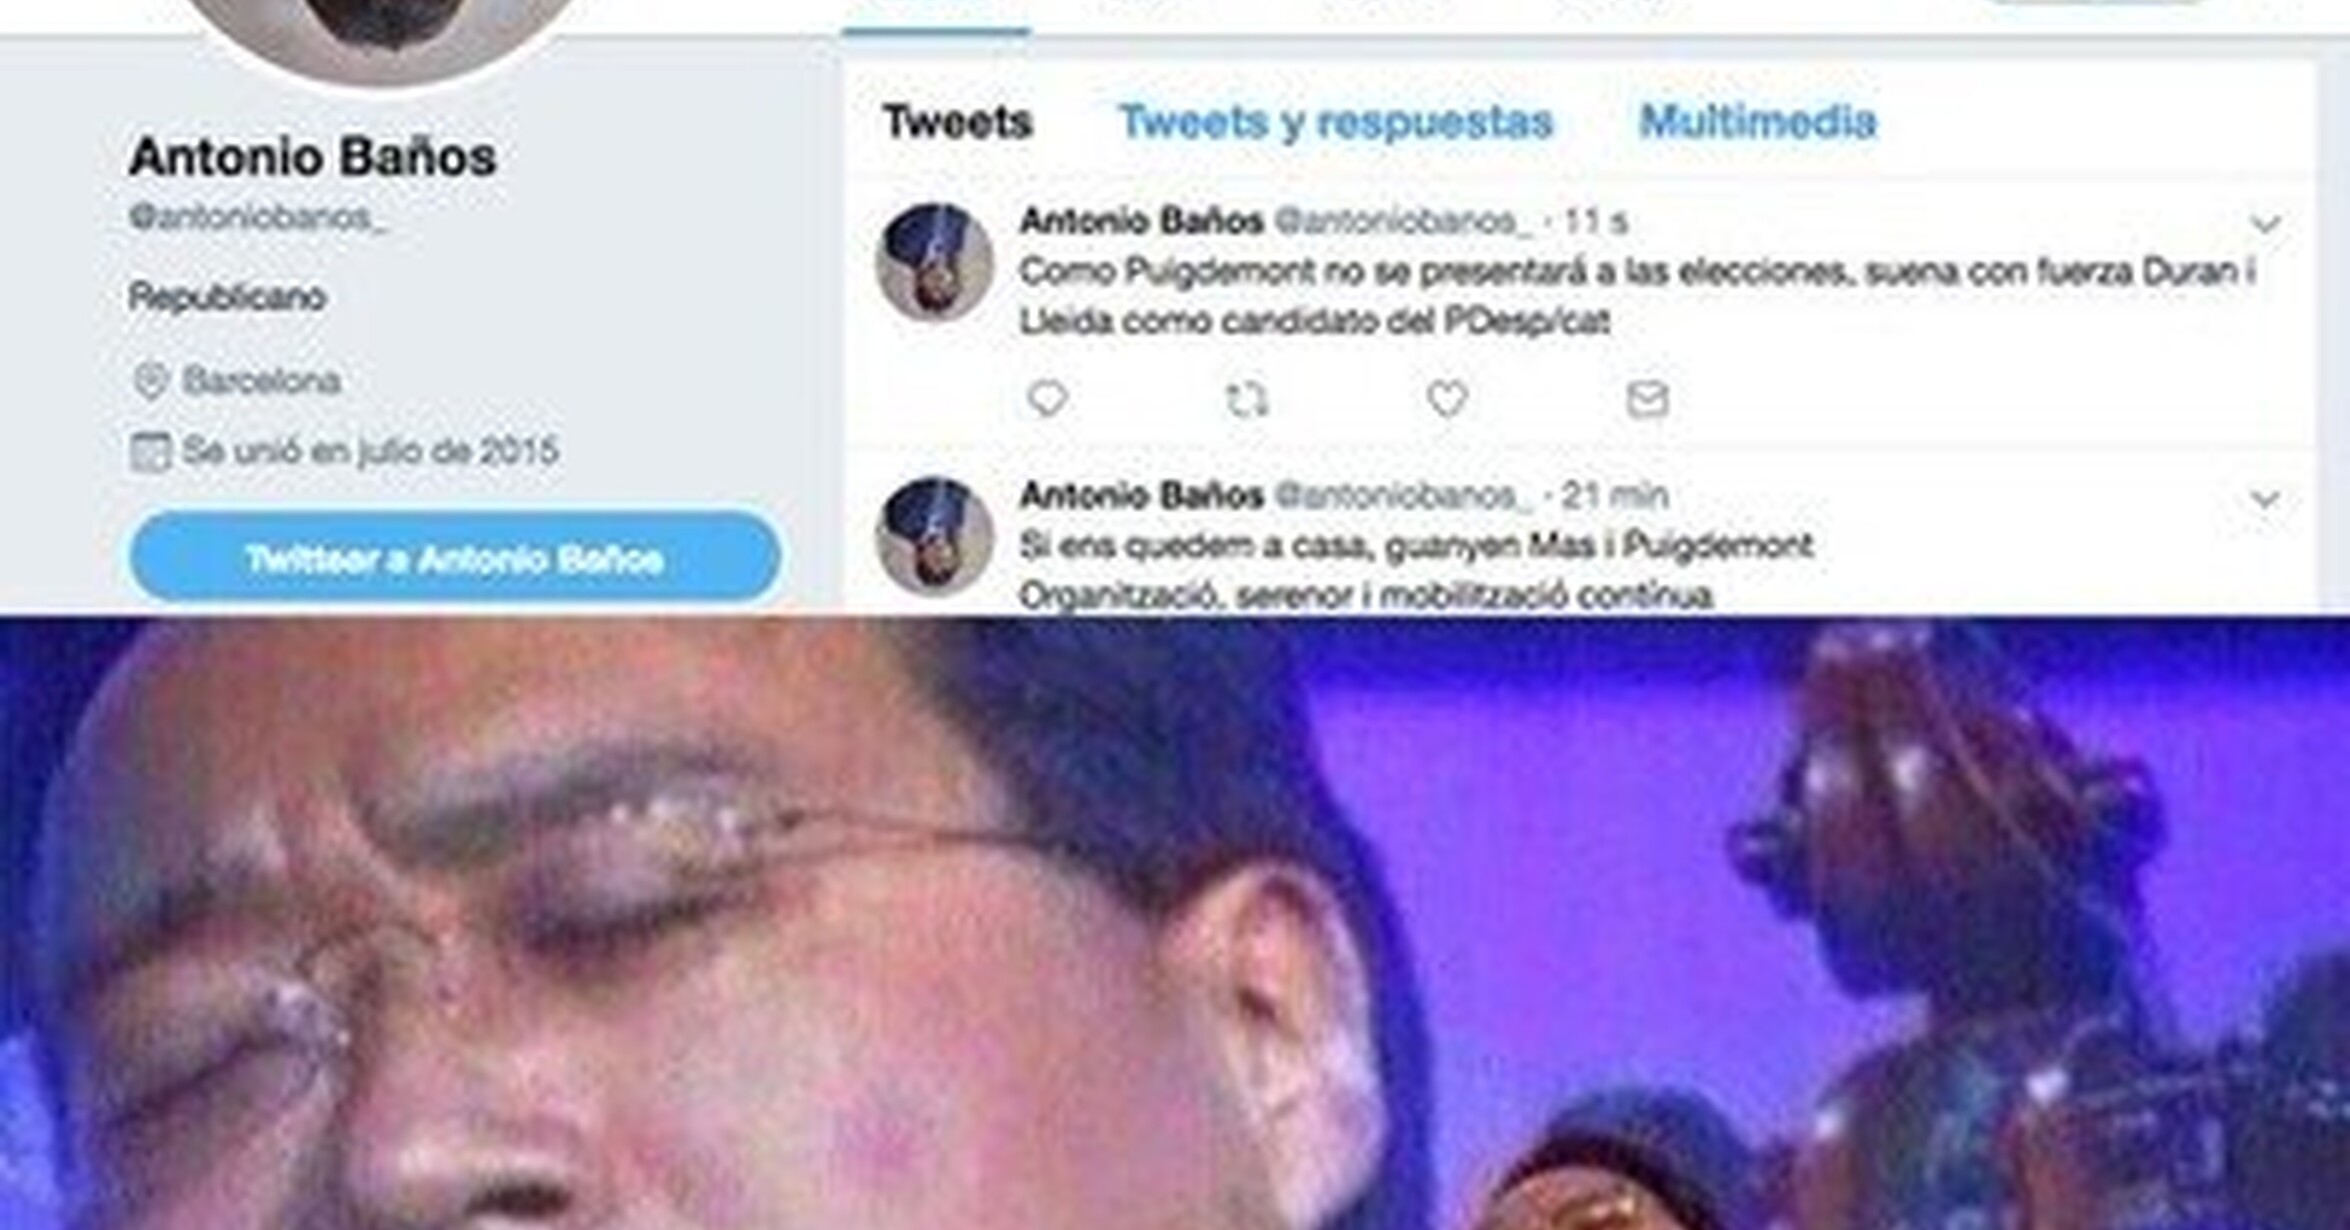 El nuevo avatar de Antonio Baños